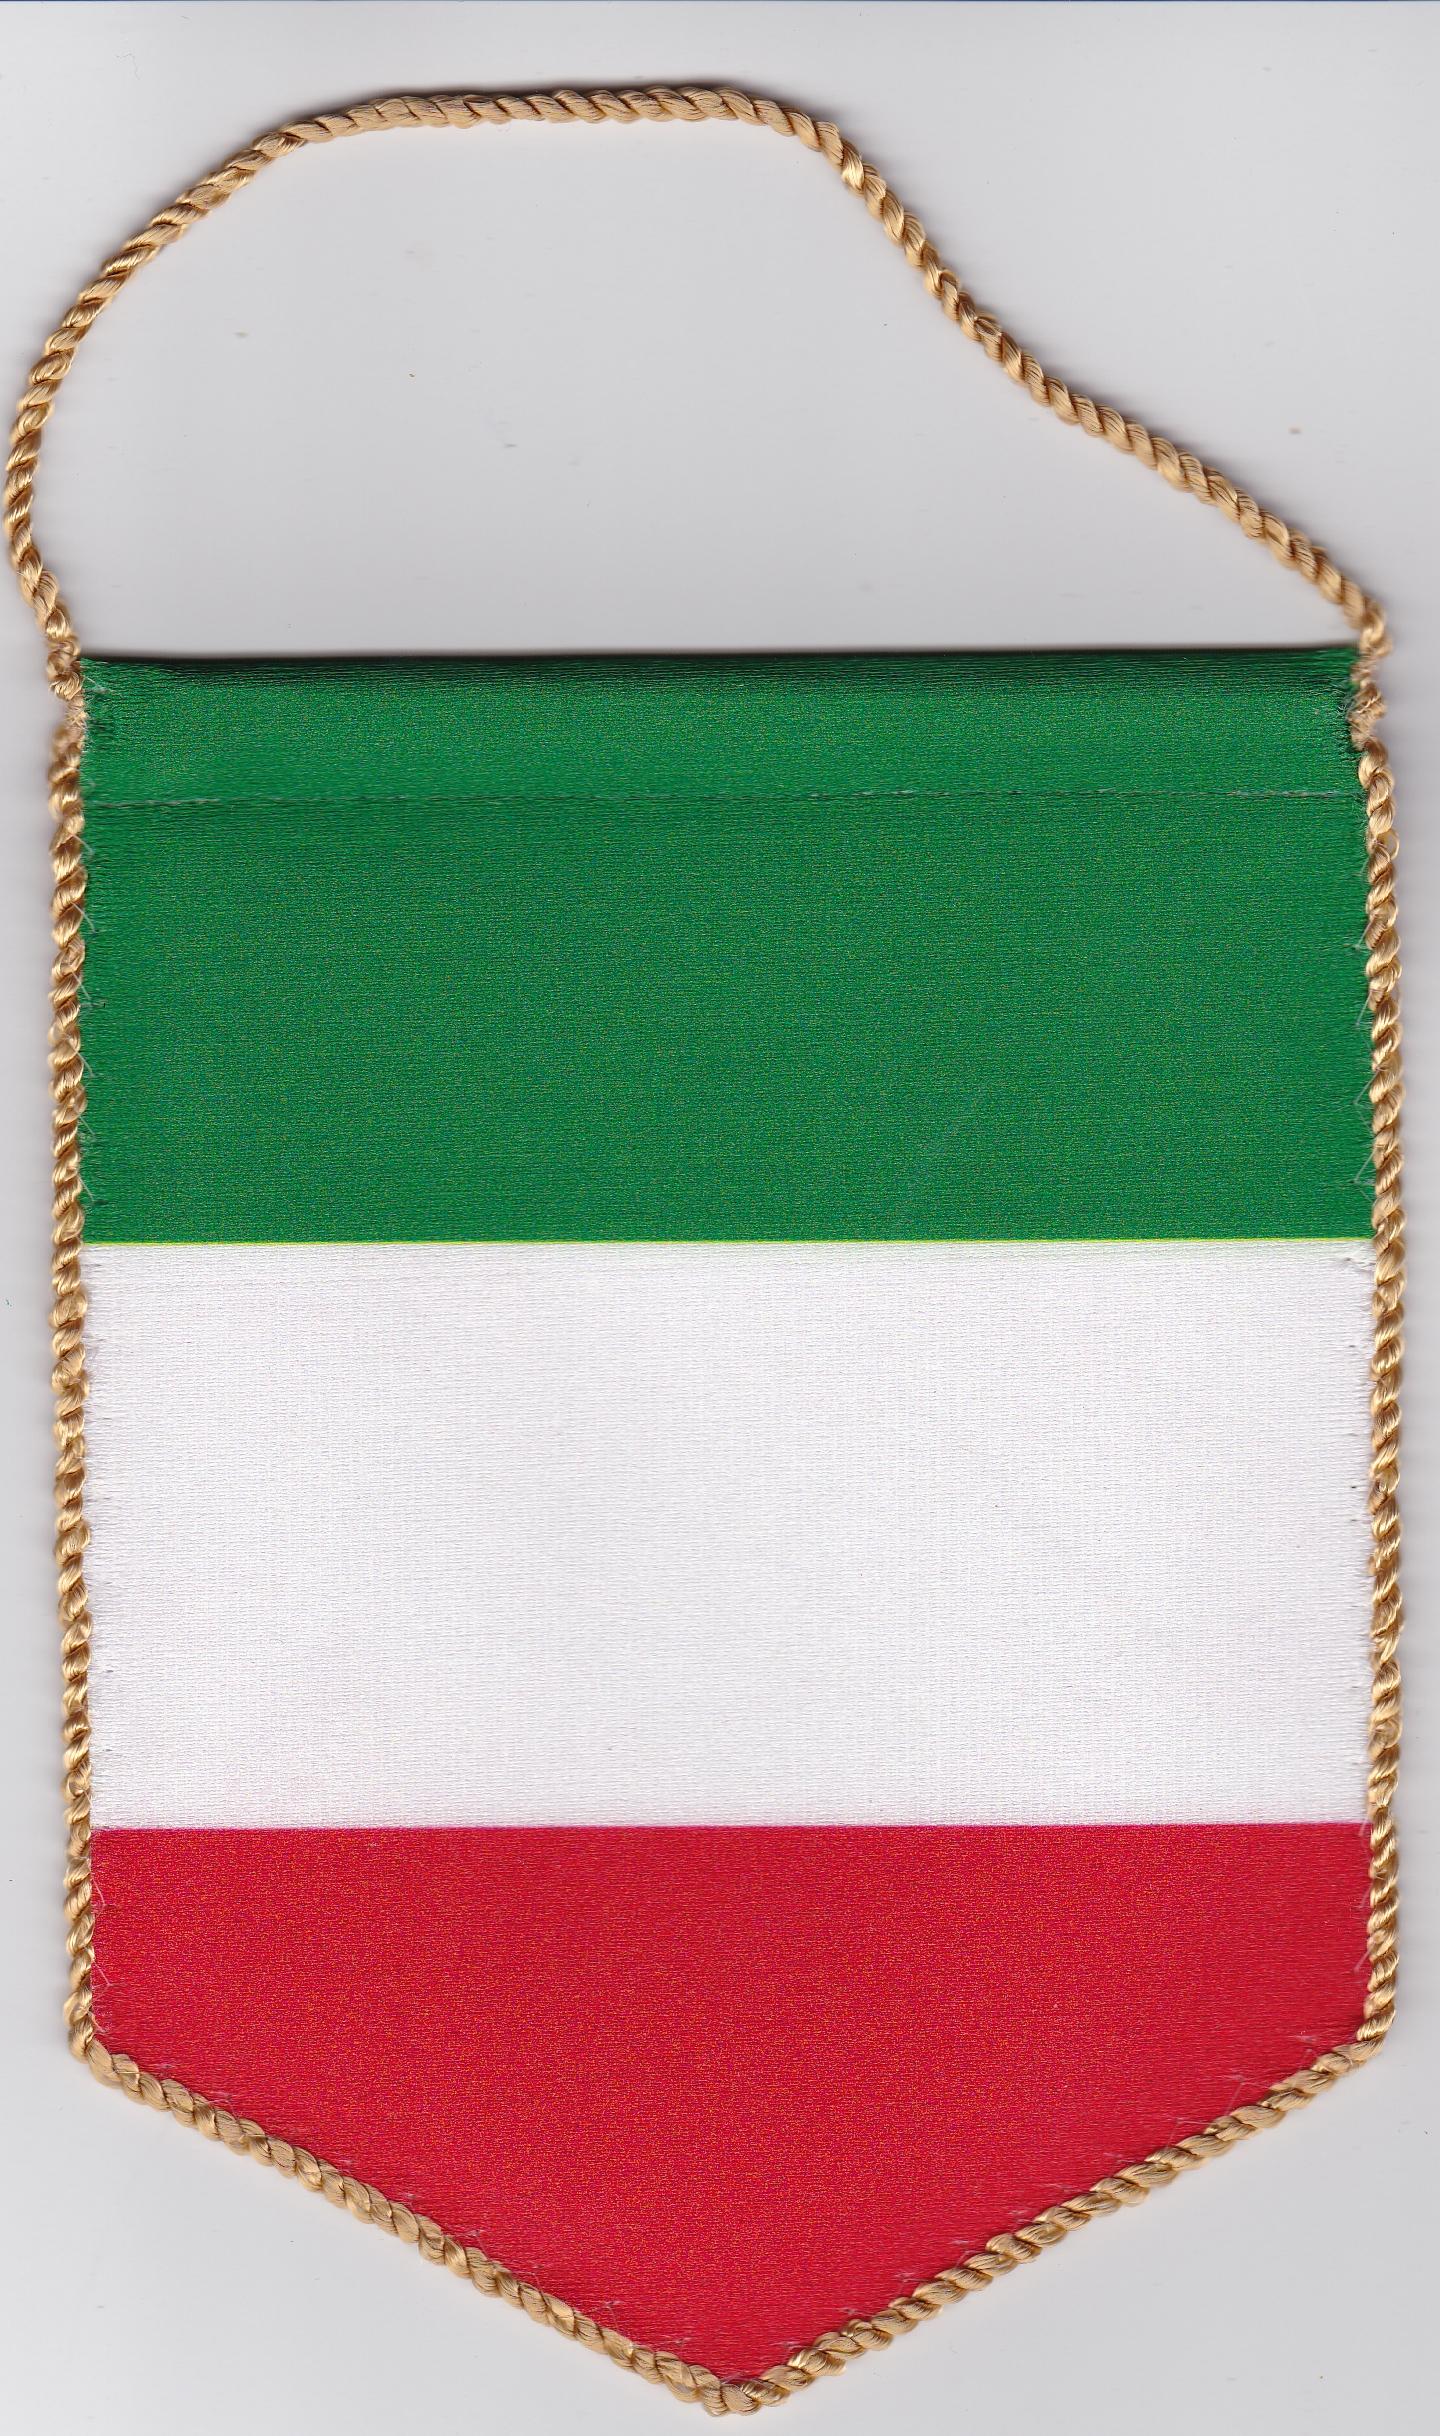 5 szöglető olasz zászló visszapillantó tükörre